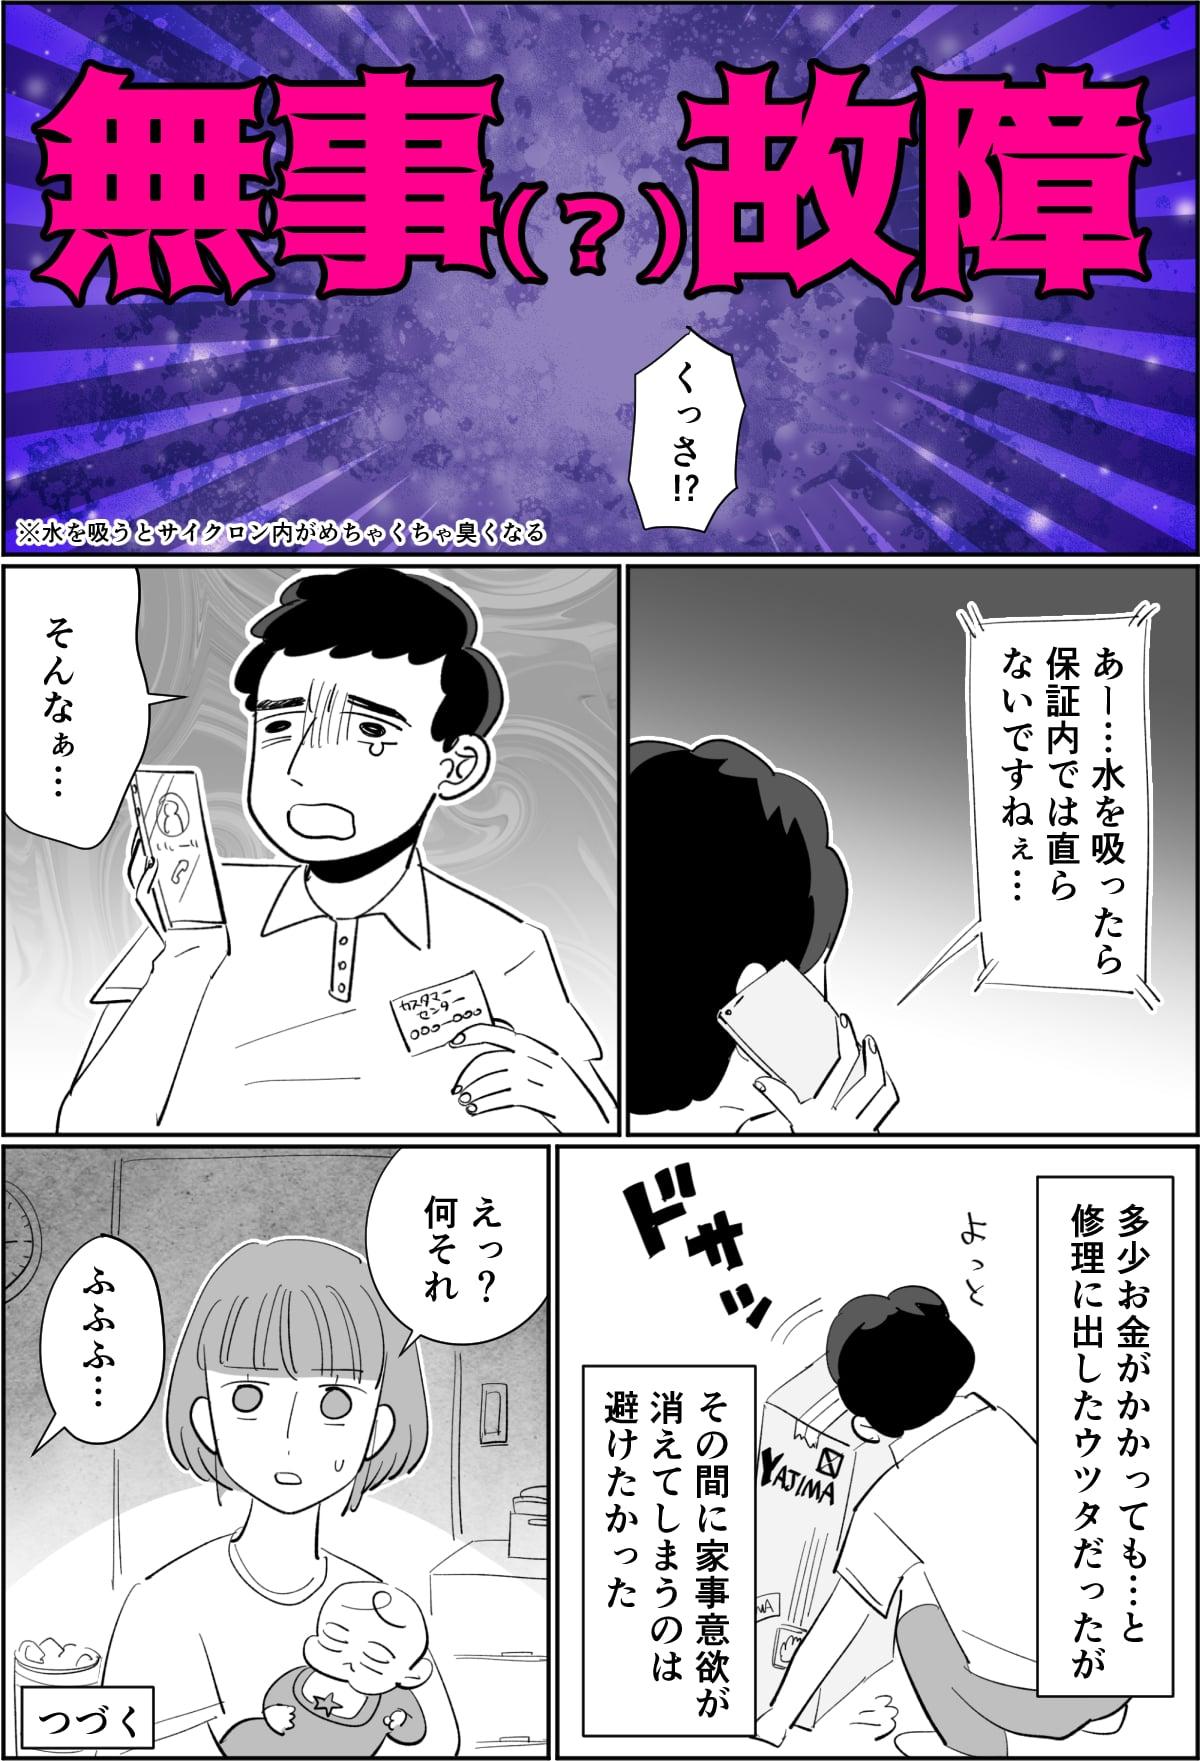 【前編:ギリギリ旦那11】-3